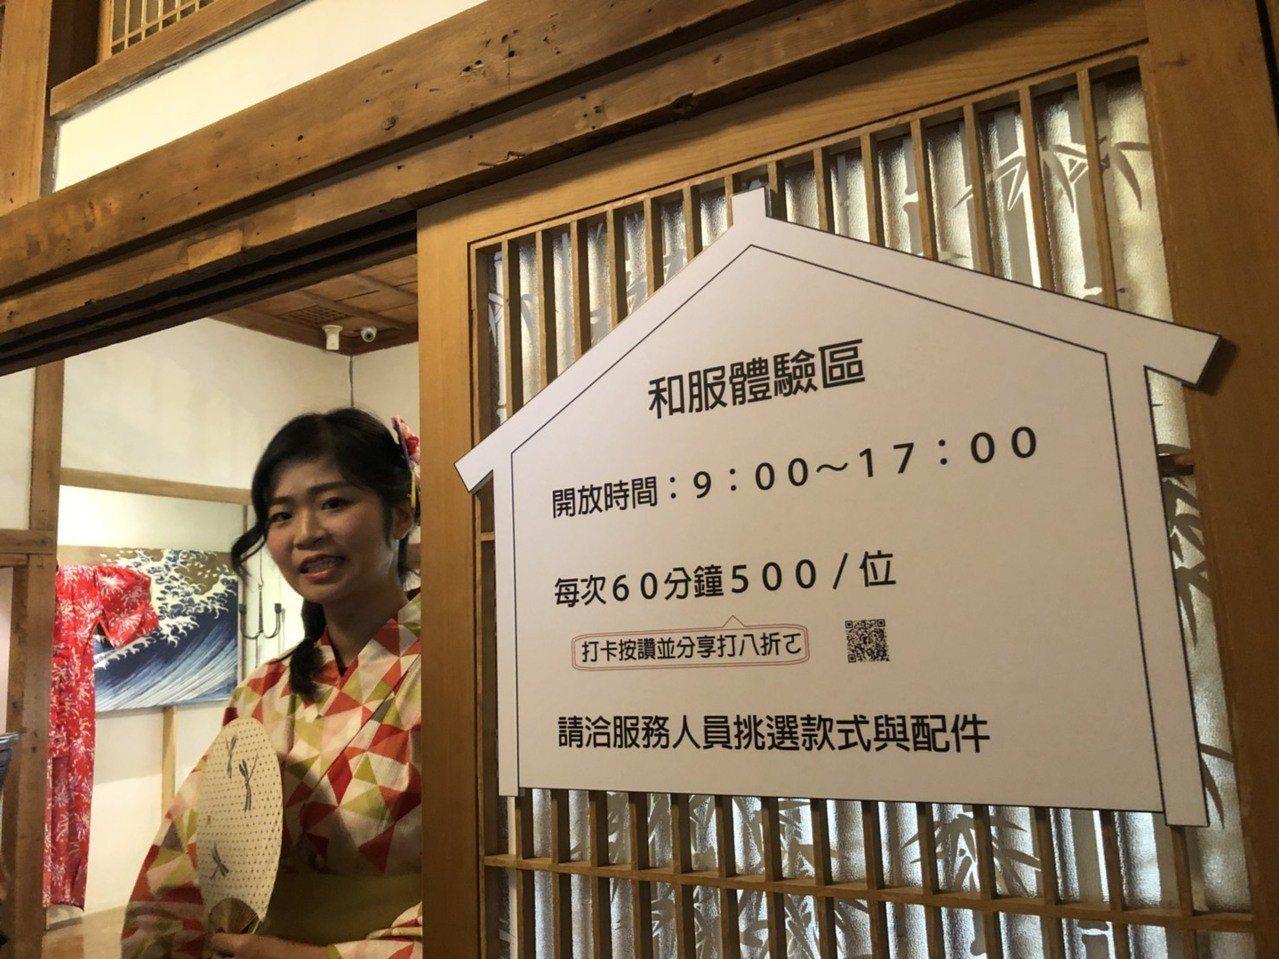 座落百年嘉義公園的嘉義市史蹟資料館,創建於1943年(日治昭和18年),屬日式「...